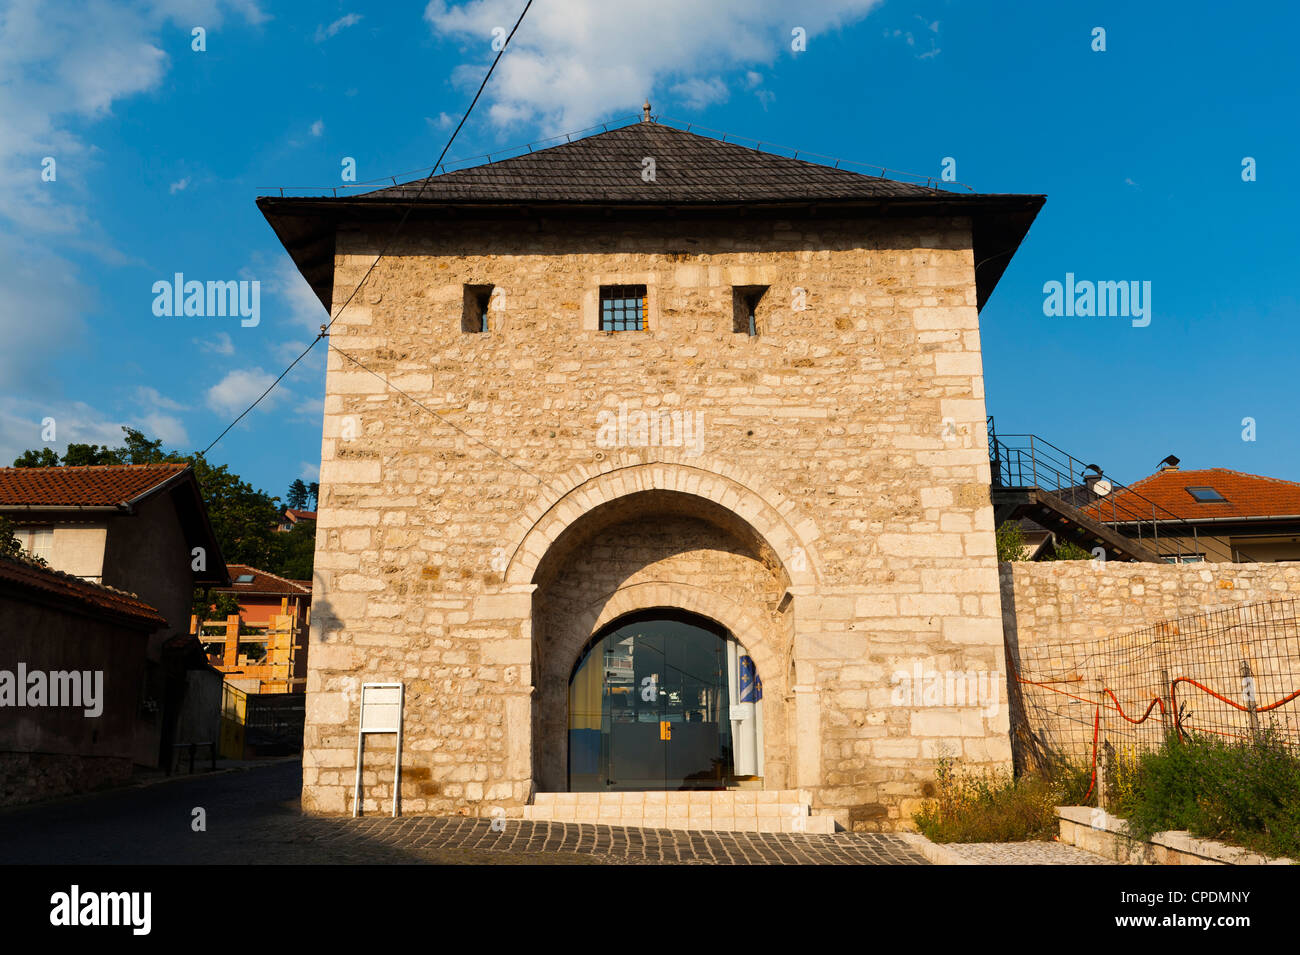 Ploce tower, Sarajevo, Bosnia and Herzegovina, Europe - Stock Image